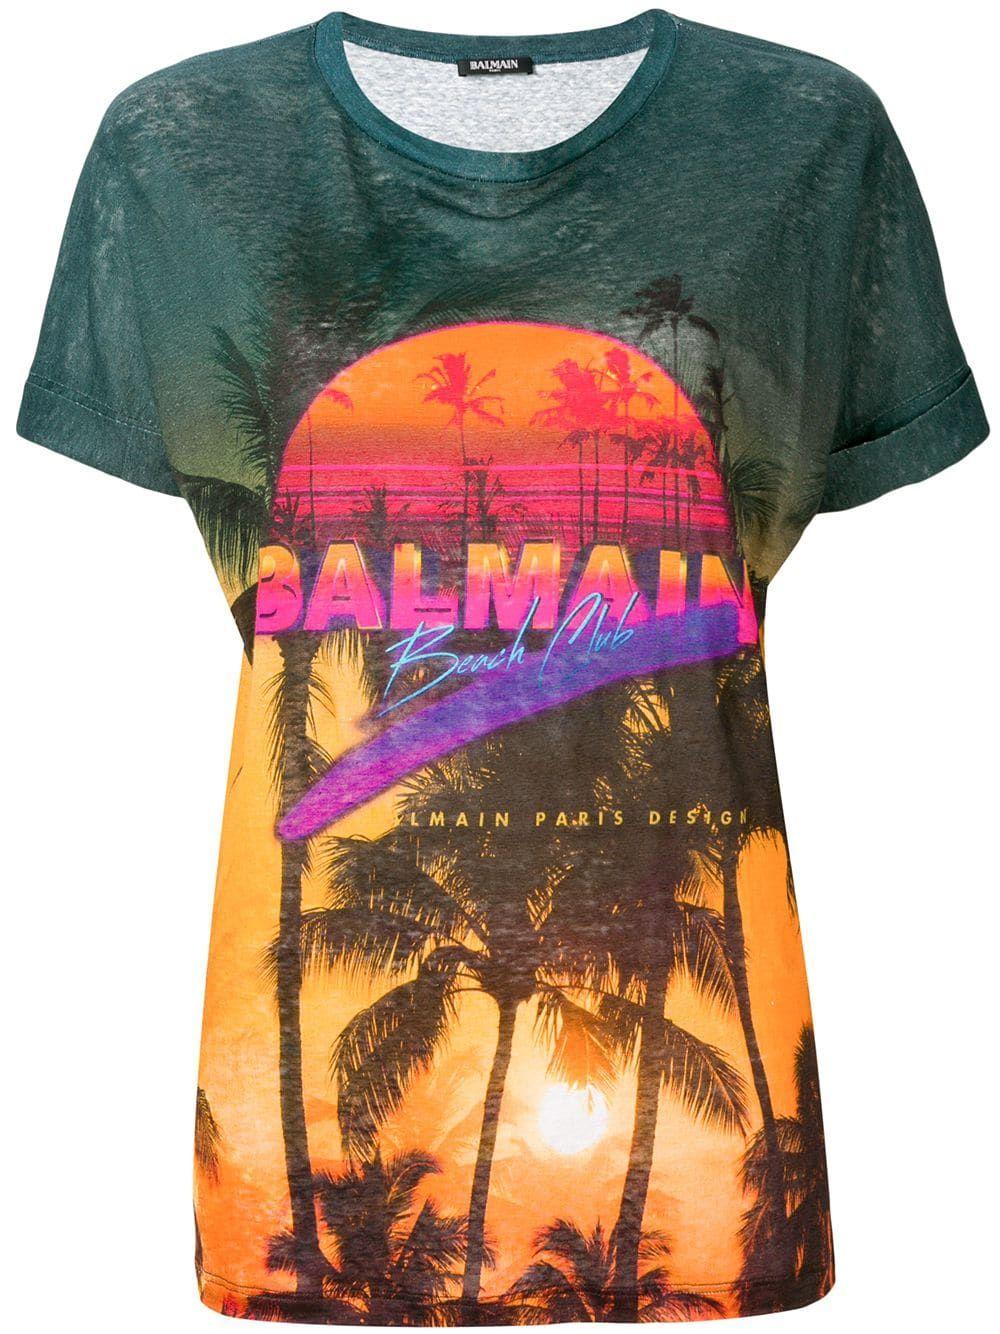 a2aae431 Balmain Balmain Beach Club T-shirt - Green in 2019   Products ...